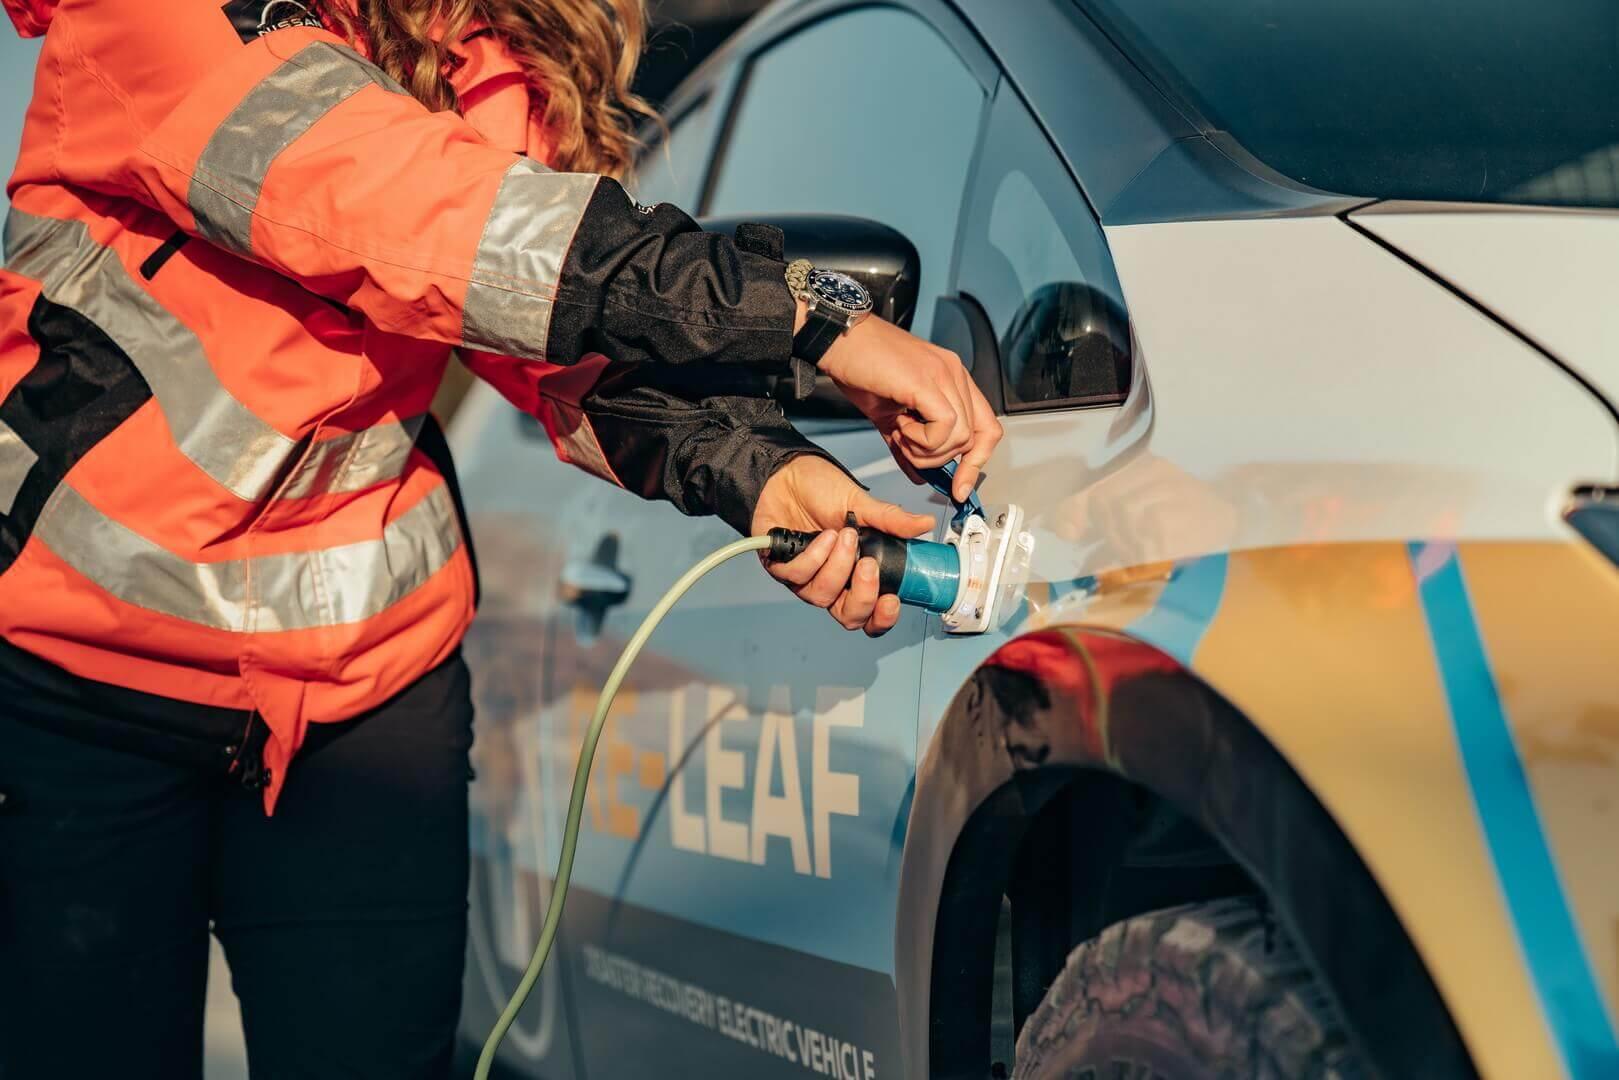 Имеется три розетки — две устойчивых к атмосферным воздействиям для легкого доступа и внутренняя бытовая розетка, установленная в багажнике